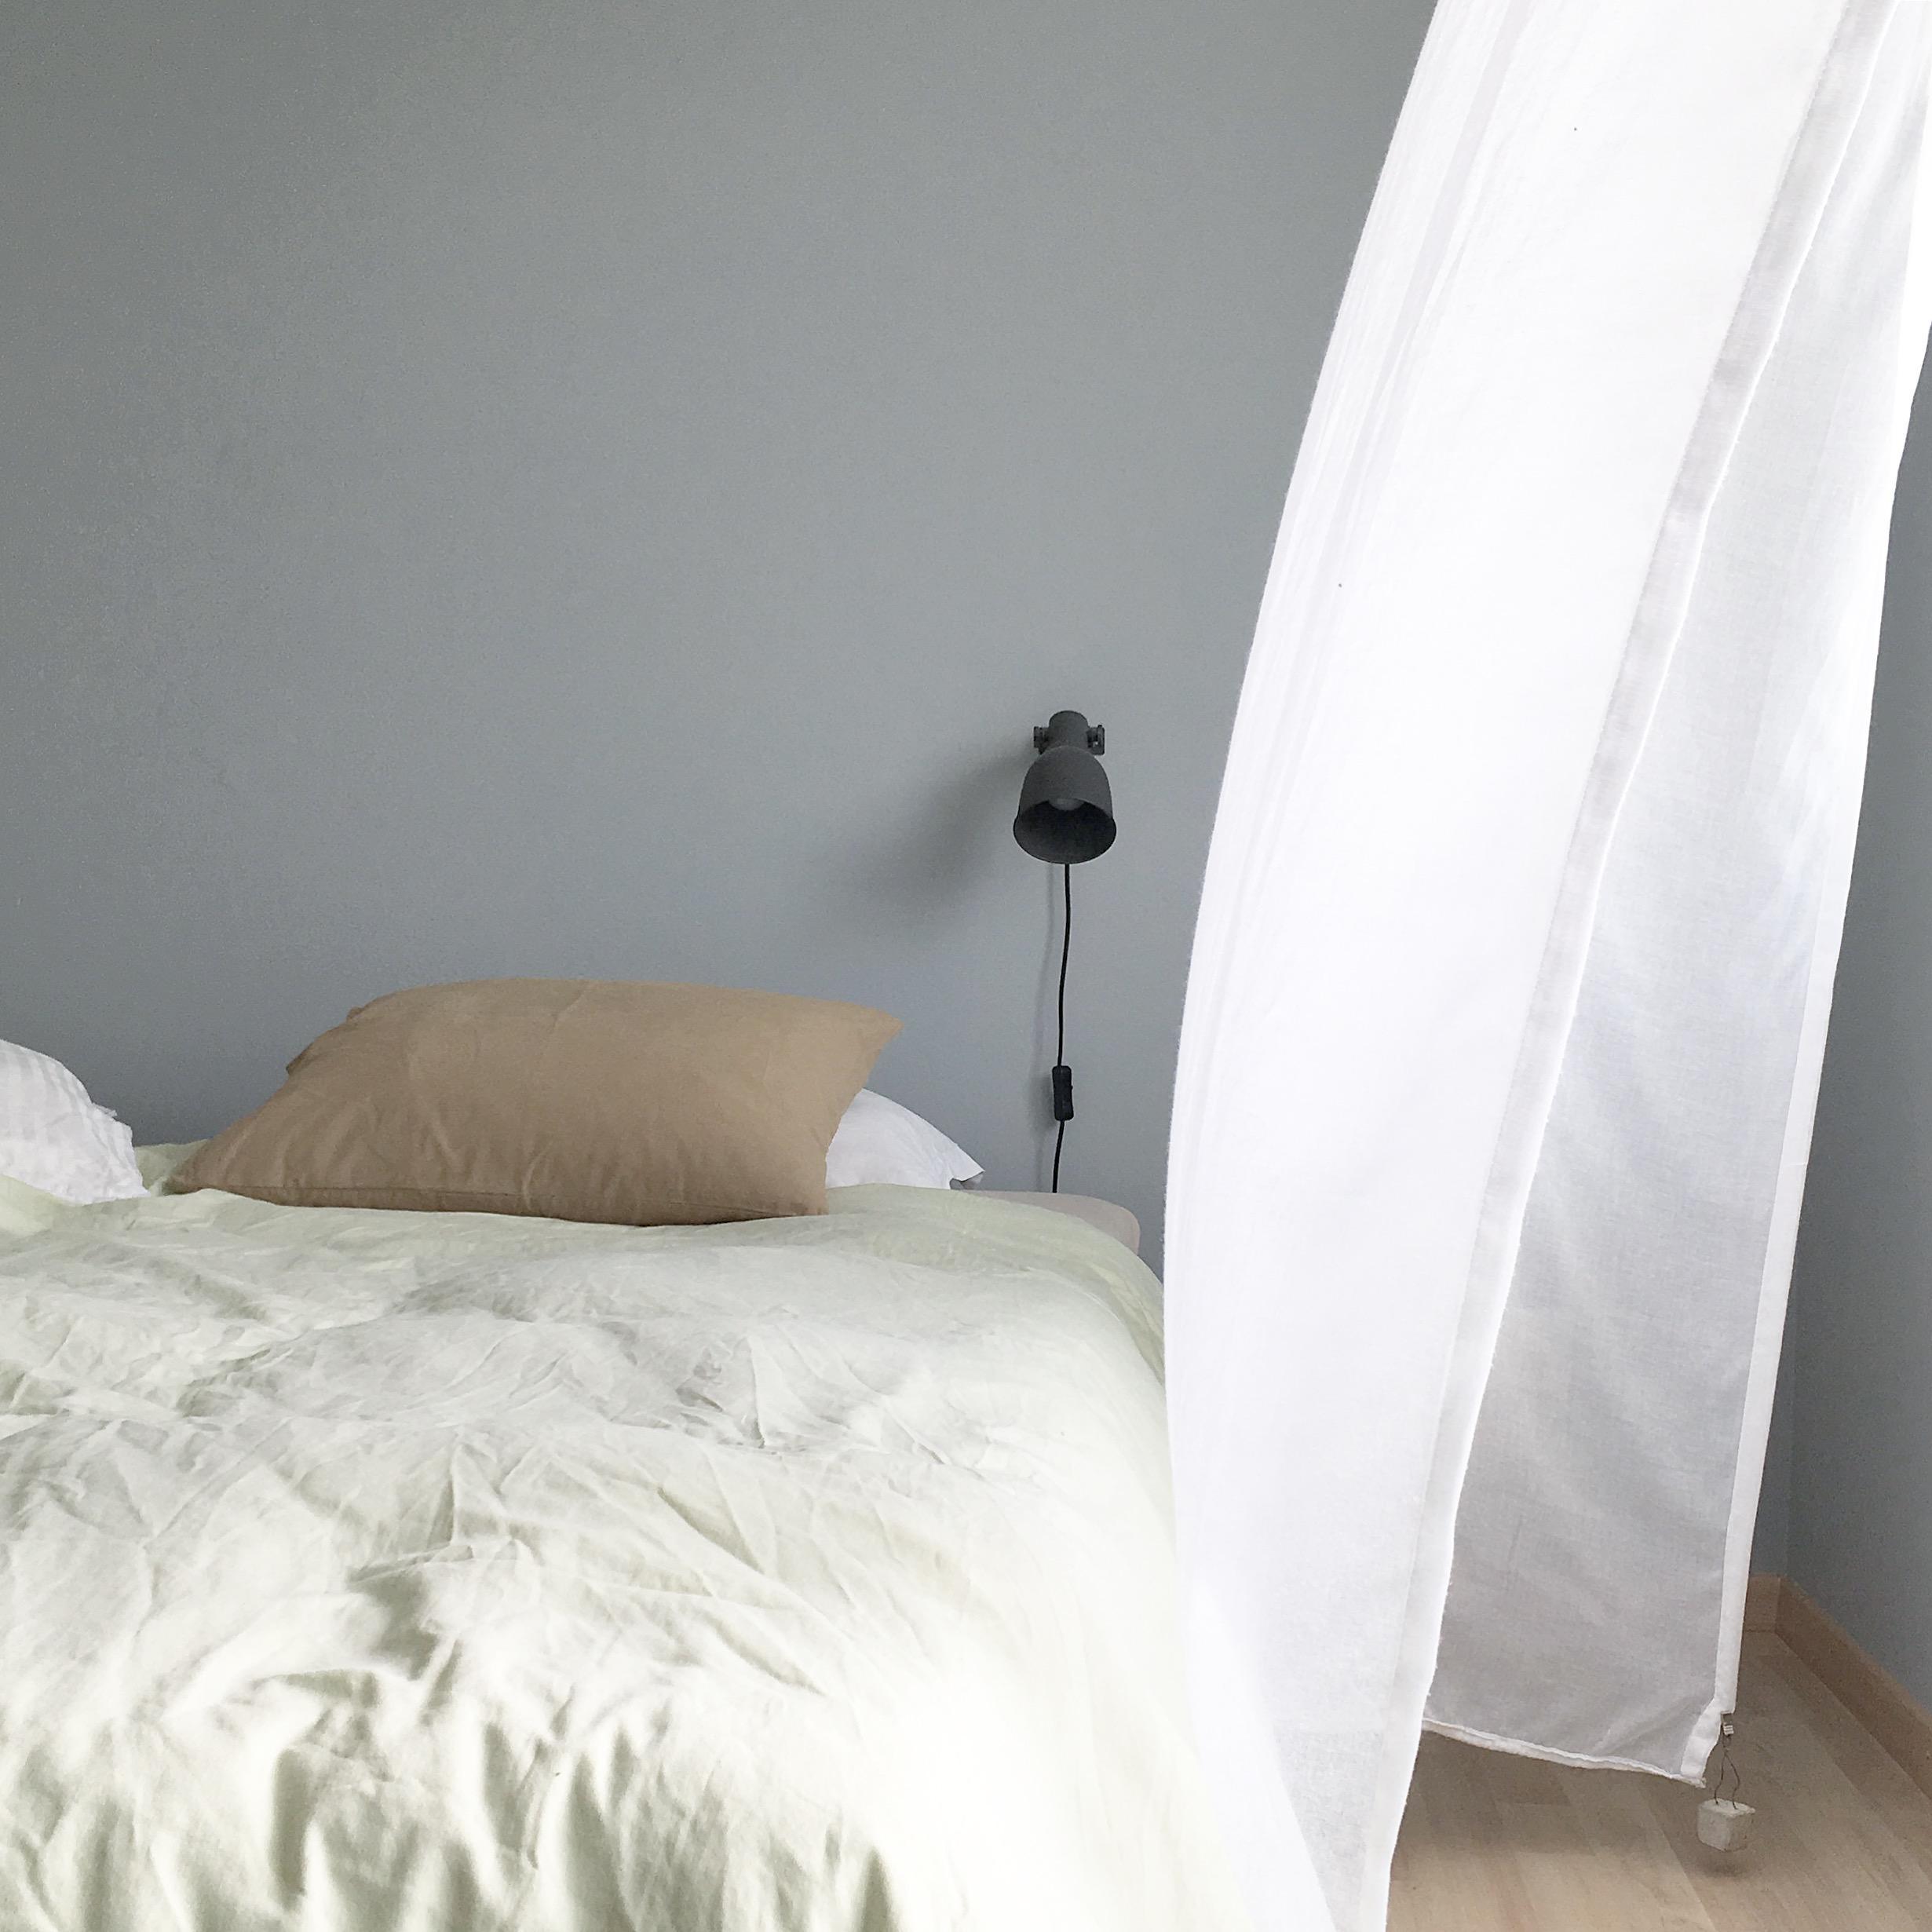 Full Size of Ikea Besta Schlafzimmer Ideen Deko Pinterest Kleine Einrichtungsideen Kallax Hemnes Komplett Guenstig Wandlampe Sessel Klimagerät Für Wiemann Teppich Wohnzimmer Ikea Schlafzimmer Ideen